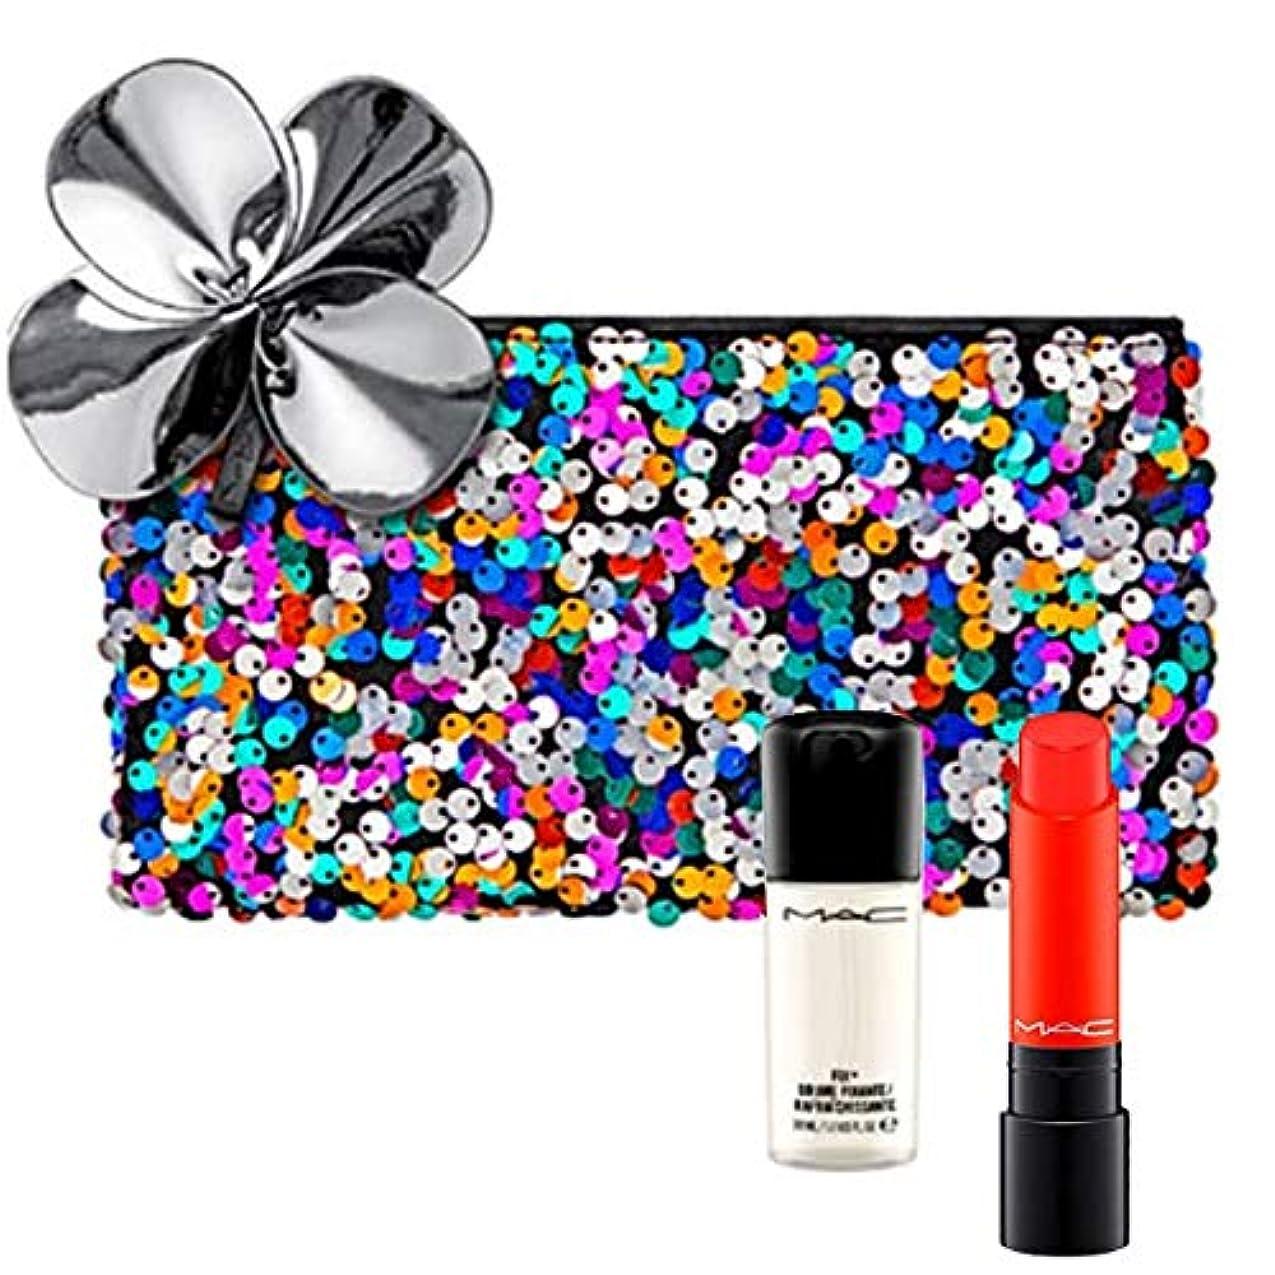 トレイ現象たくさんM.A.C ?マック, Sequin Bag + Lipstick (Habanero) + Mini Setting Spray(30ml) [海外直送品] [並行輸入品]